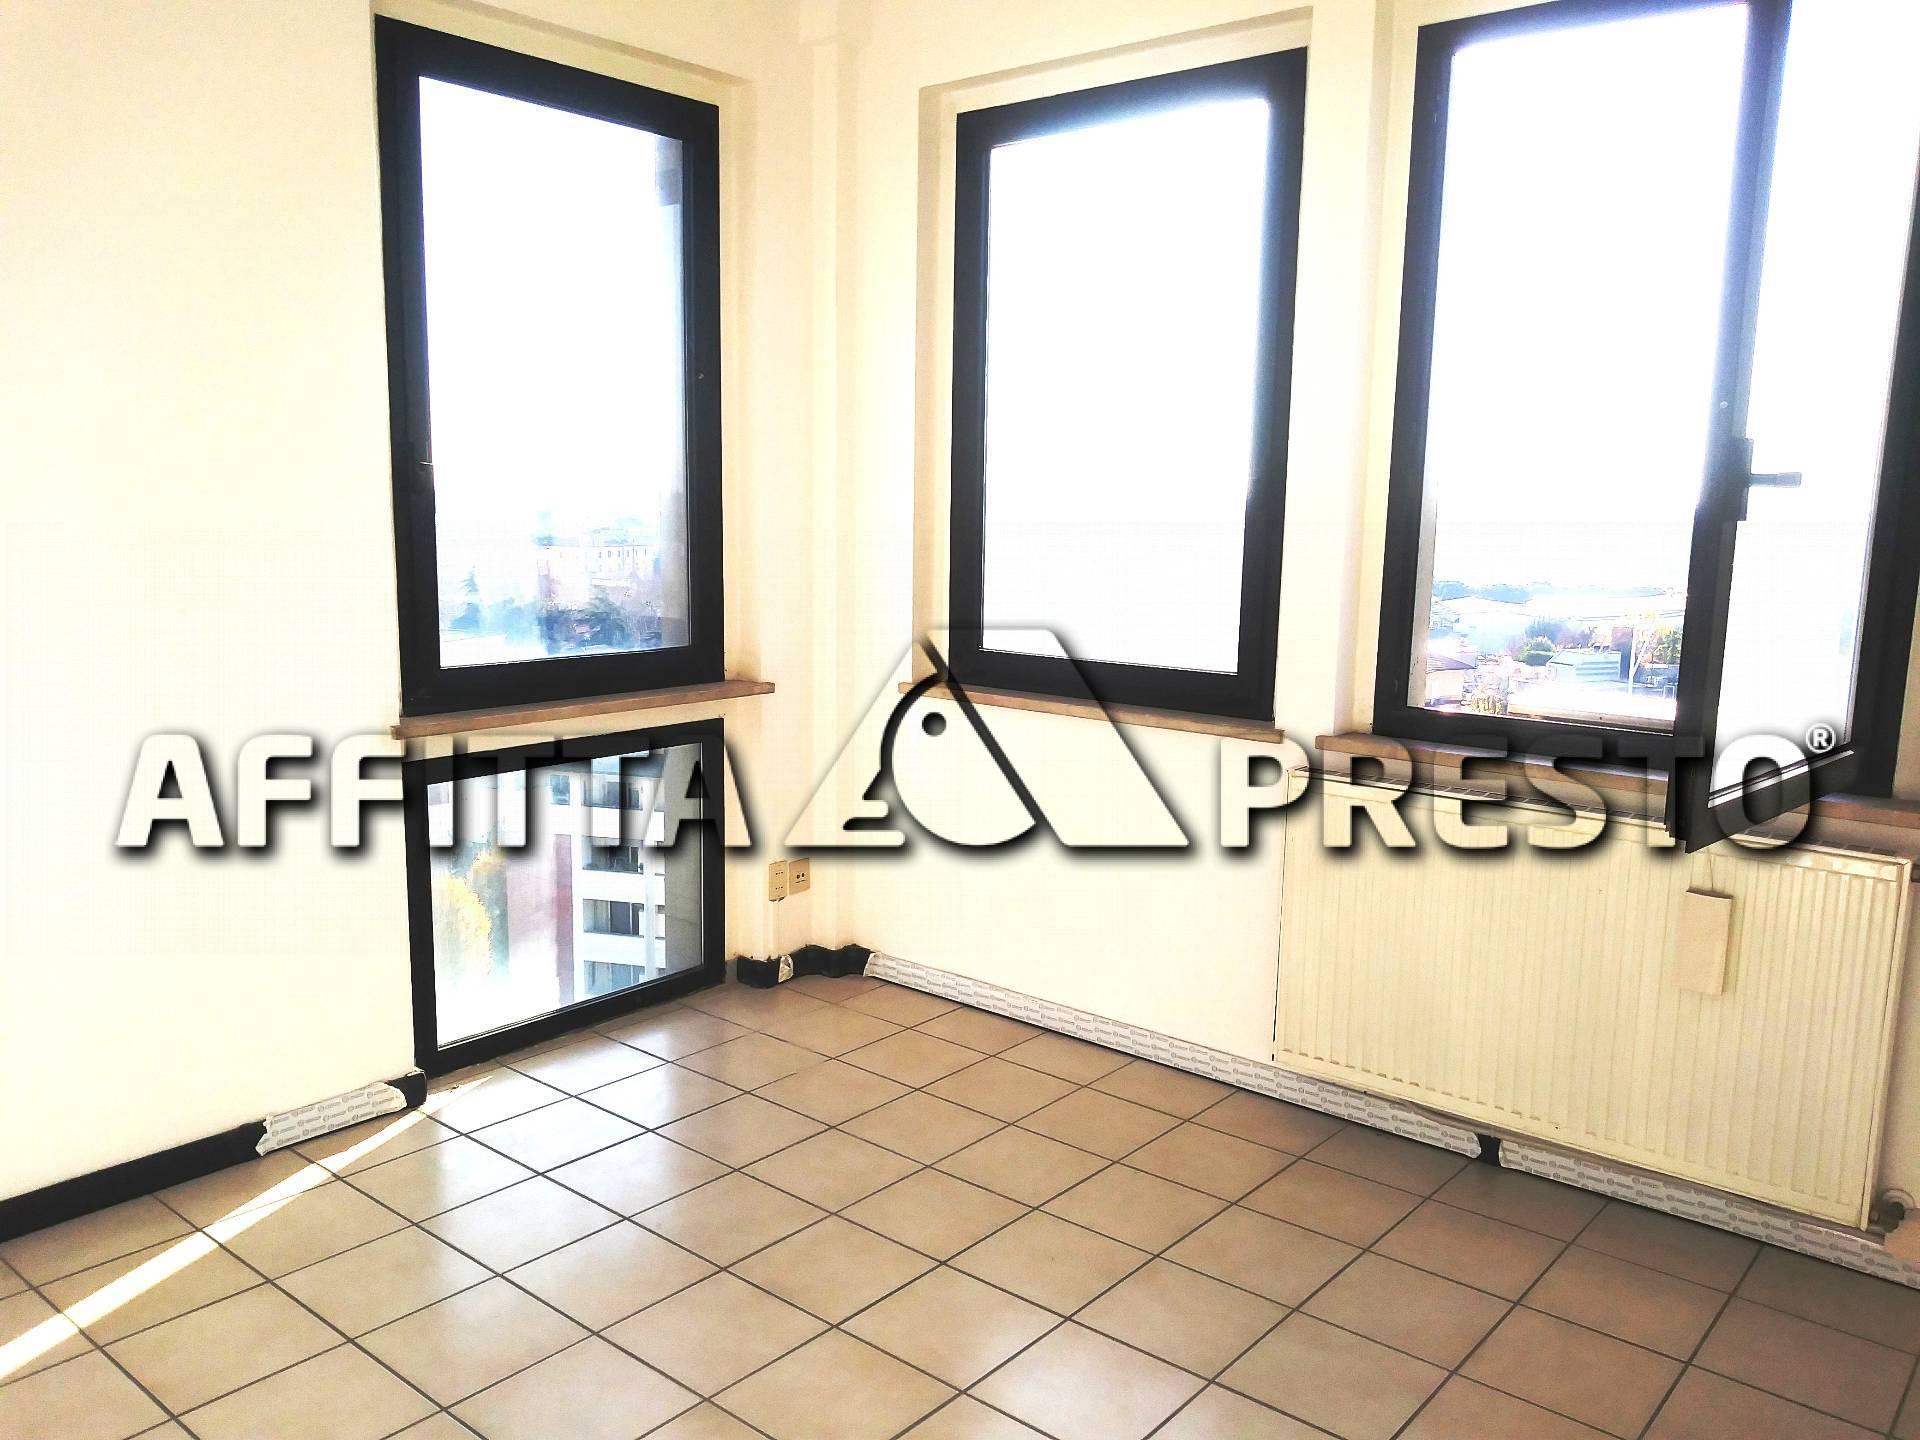 Ufficio / Studio in affitto a Ravenna, 9999 locali, zona Zona: Darsena, prezzo € 850 | CambioCasa.it